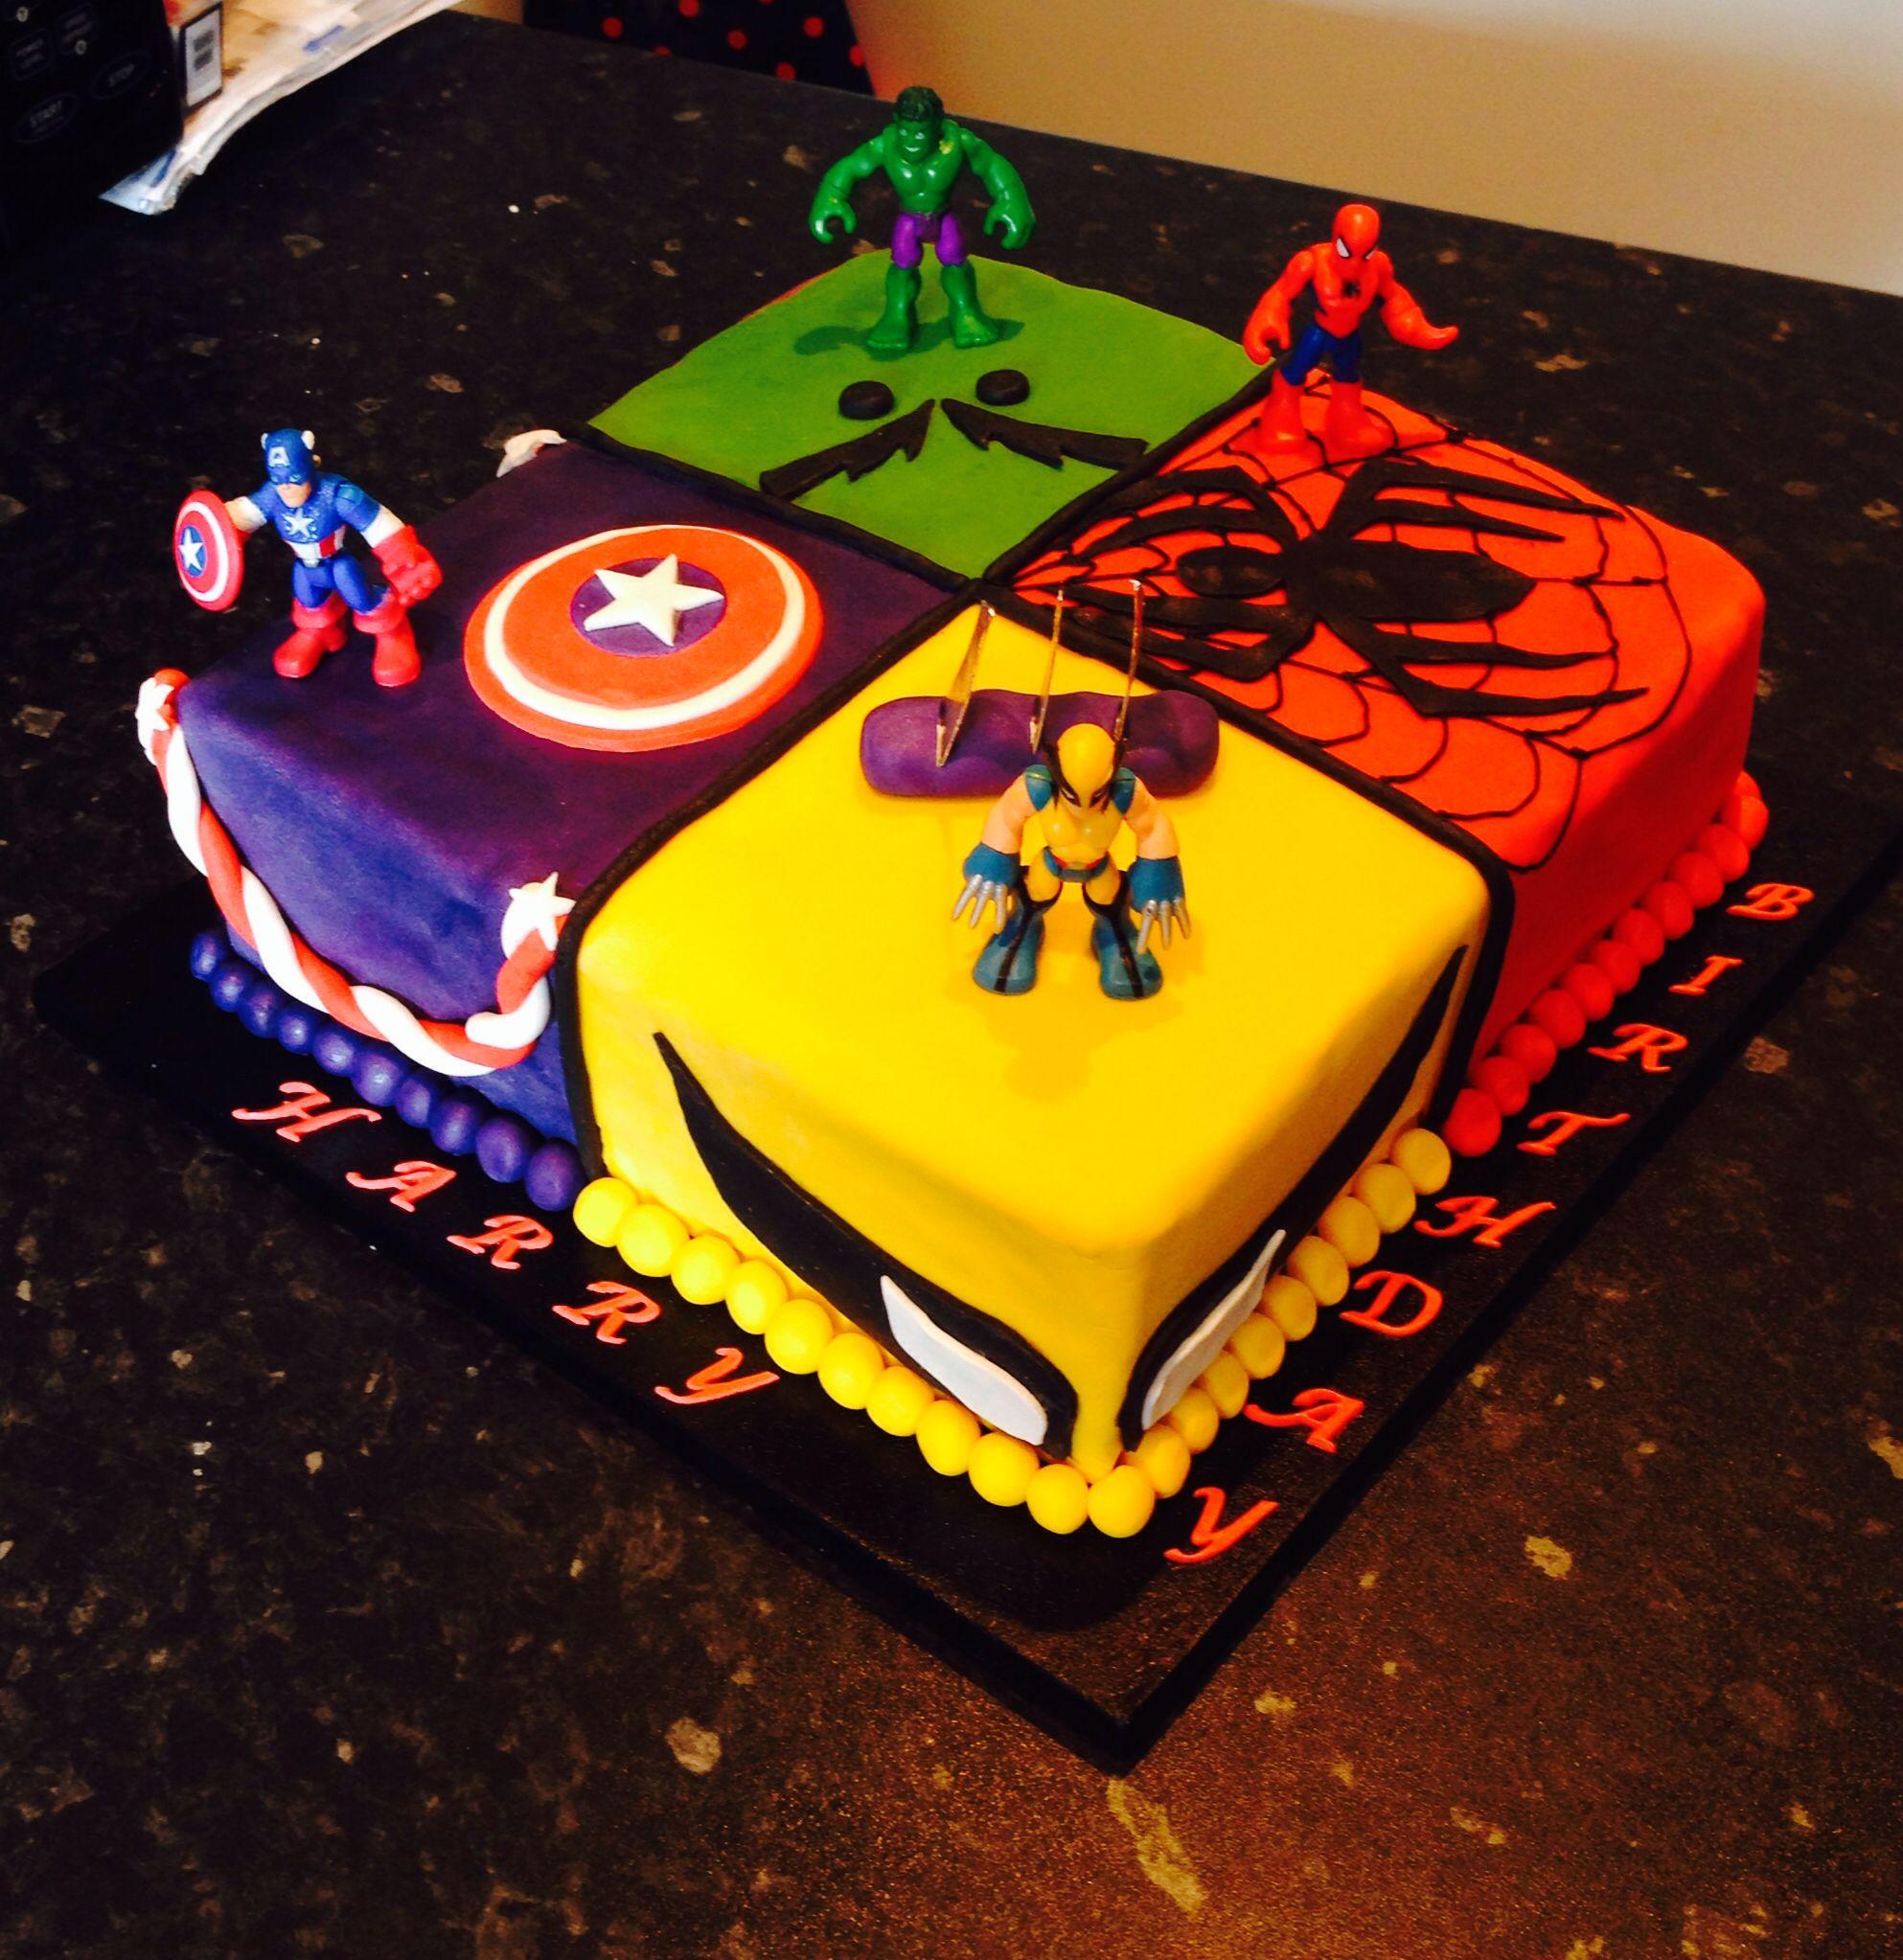 Marvel Avengers Birthday Cake Ideas Image Inspiration of Cake